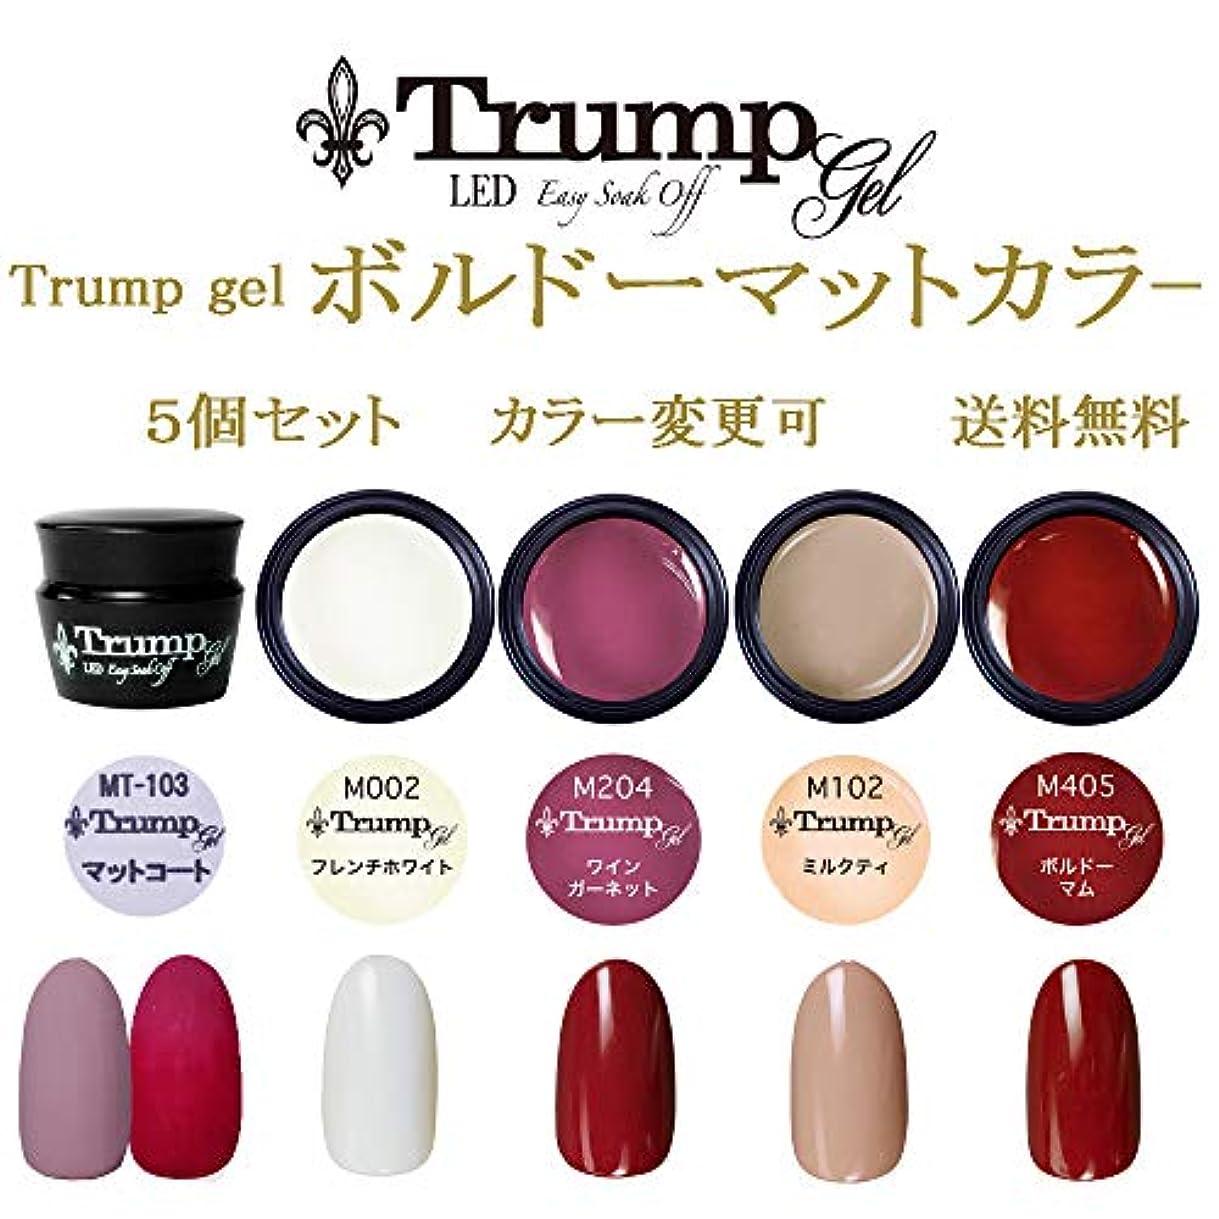 チーズ核シガレット日本製 Trump gel トランプジェル ボルドー マット カラー 選べる カラージェル 5個セット マットコート ホワイト ワイン レッド ベージュ